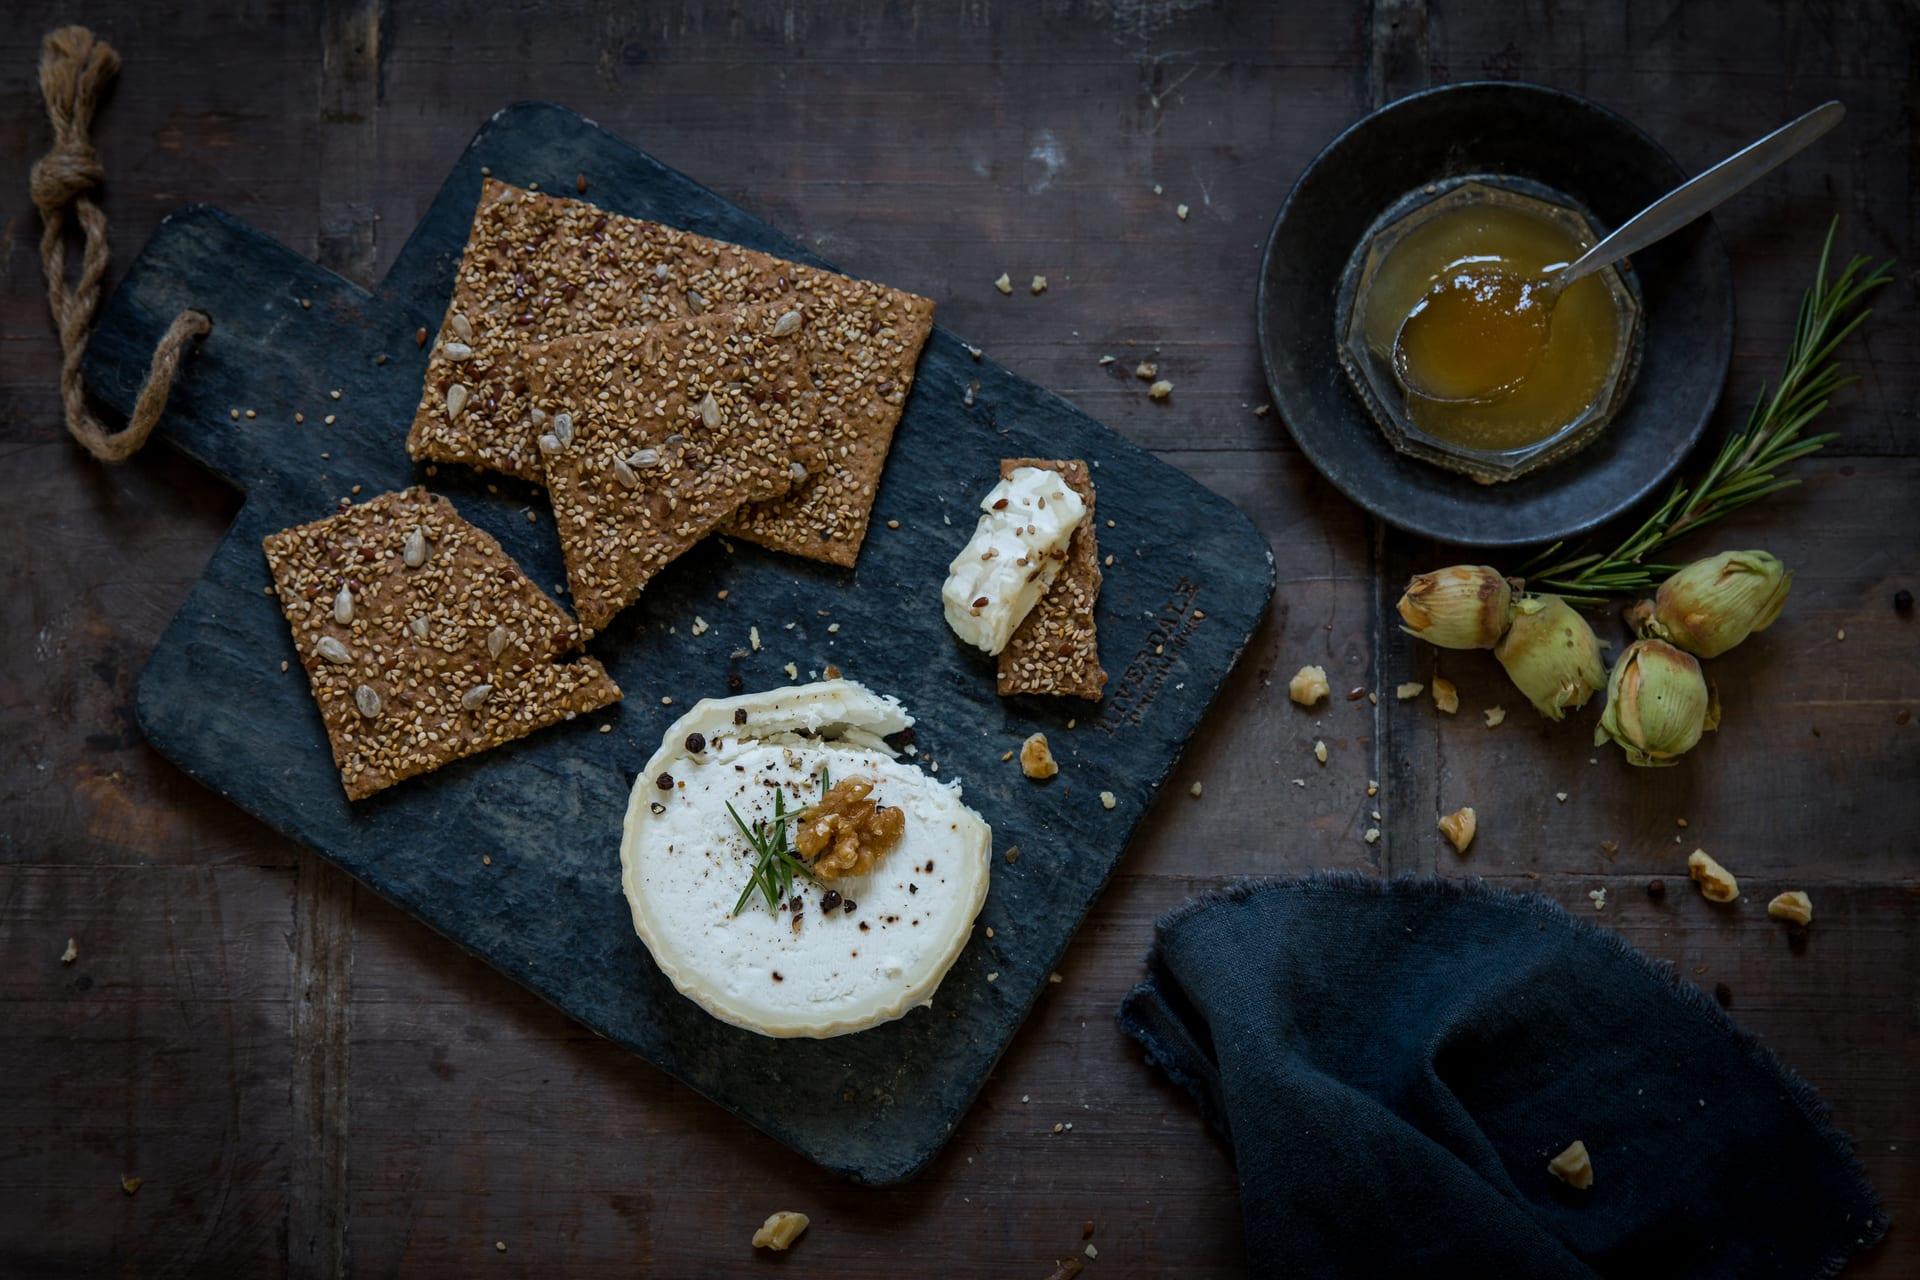 Food fotografie - Camembert